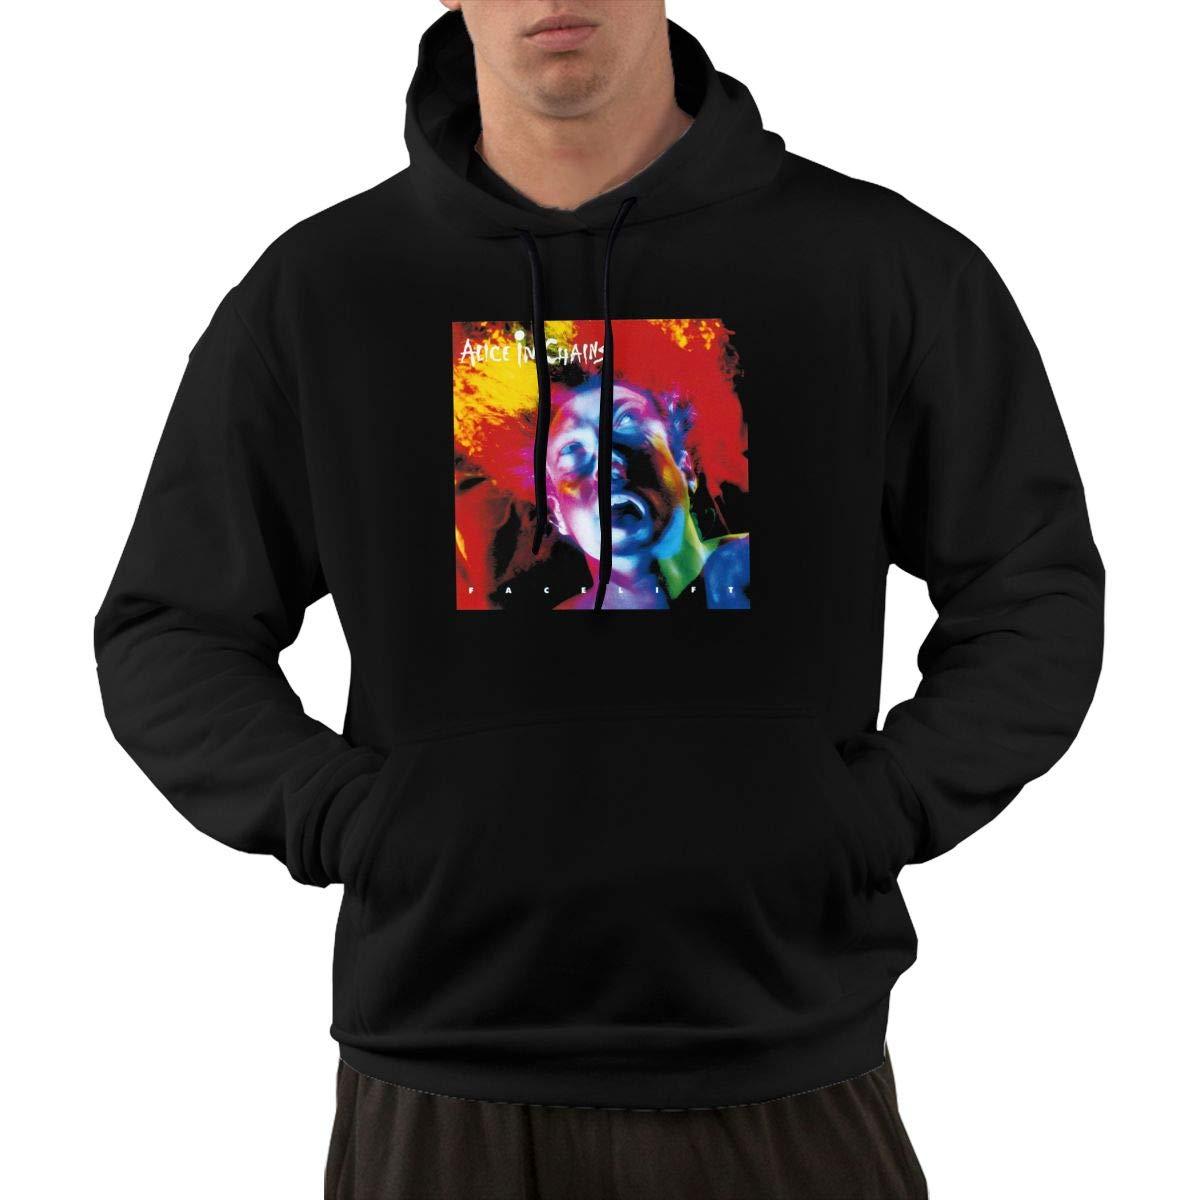 AlbertV Mens Alice in Chains Hoodies Sweater Pocket Black